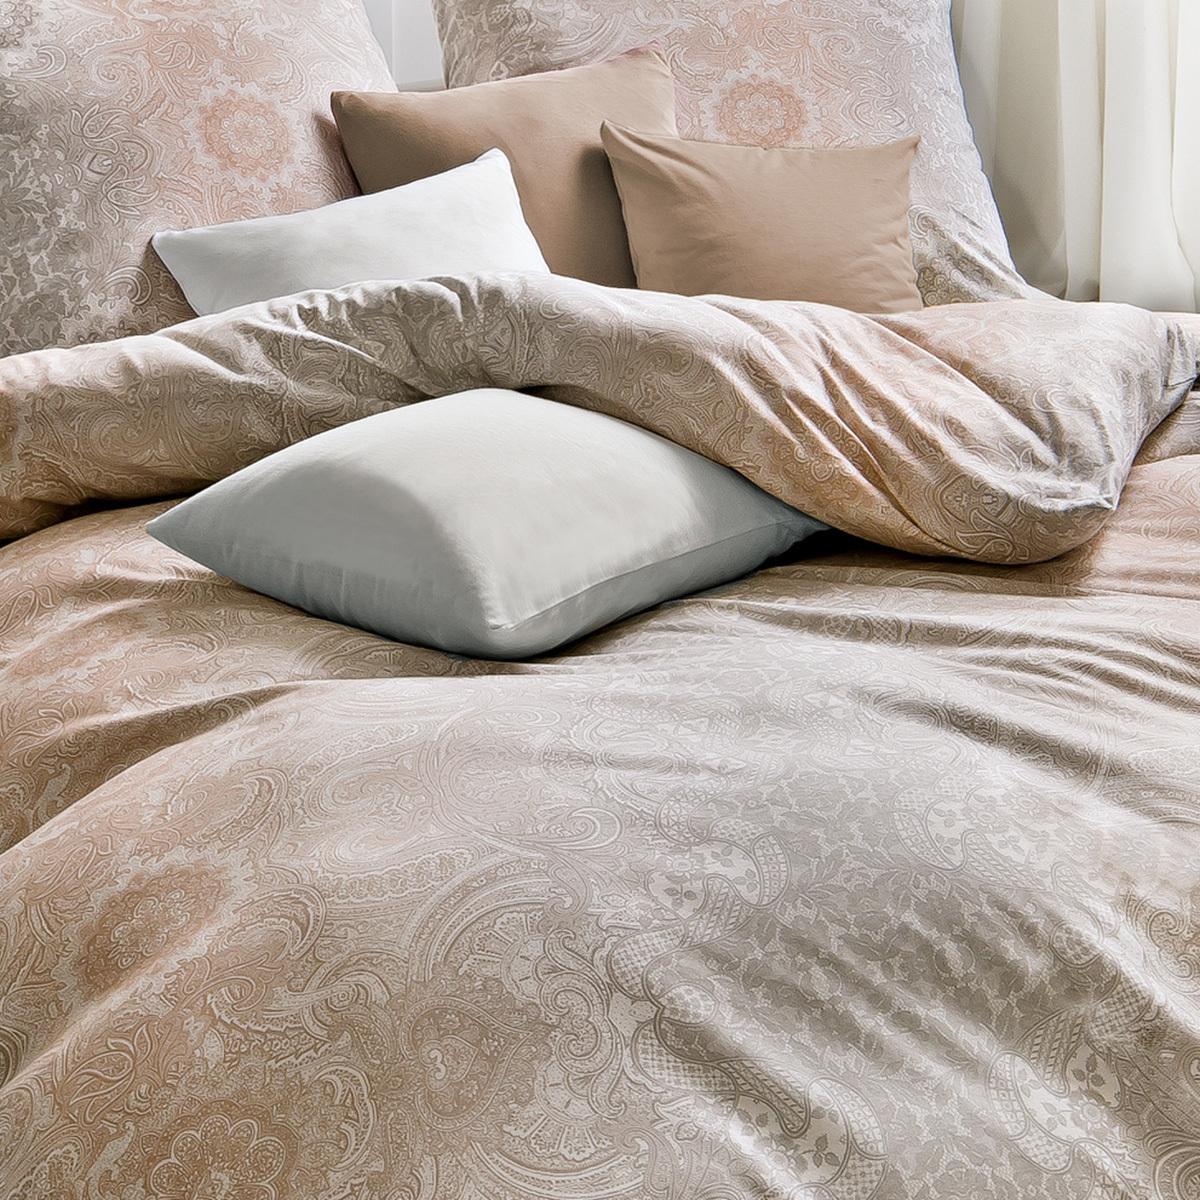 estella mako interlock jersey bettw sche 6791 180 sand g nstig online kaufen bei bettwaren shop. Black Bedroom Furniture Sets. Home Design Ideas